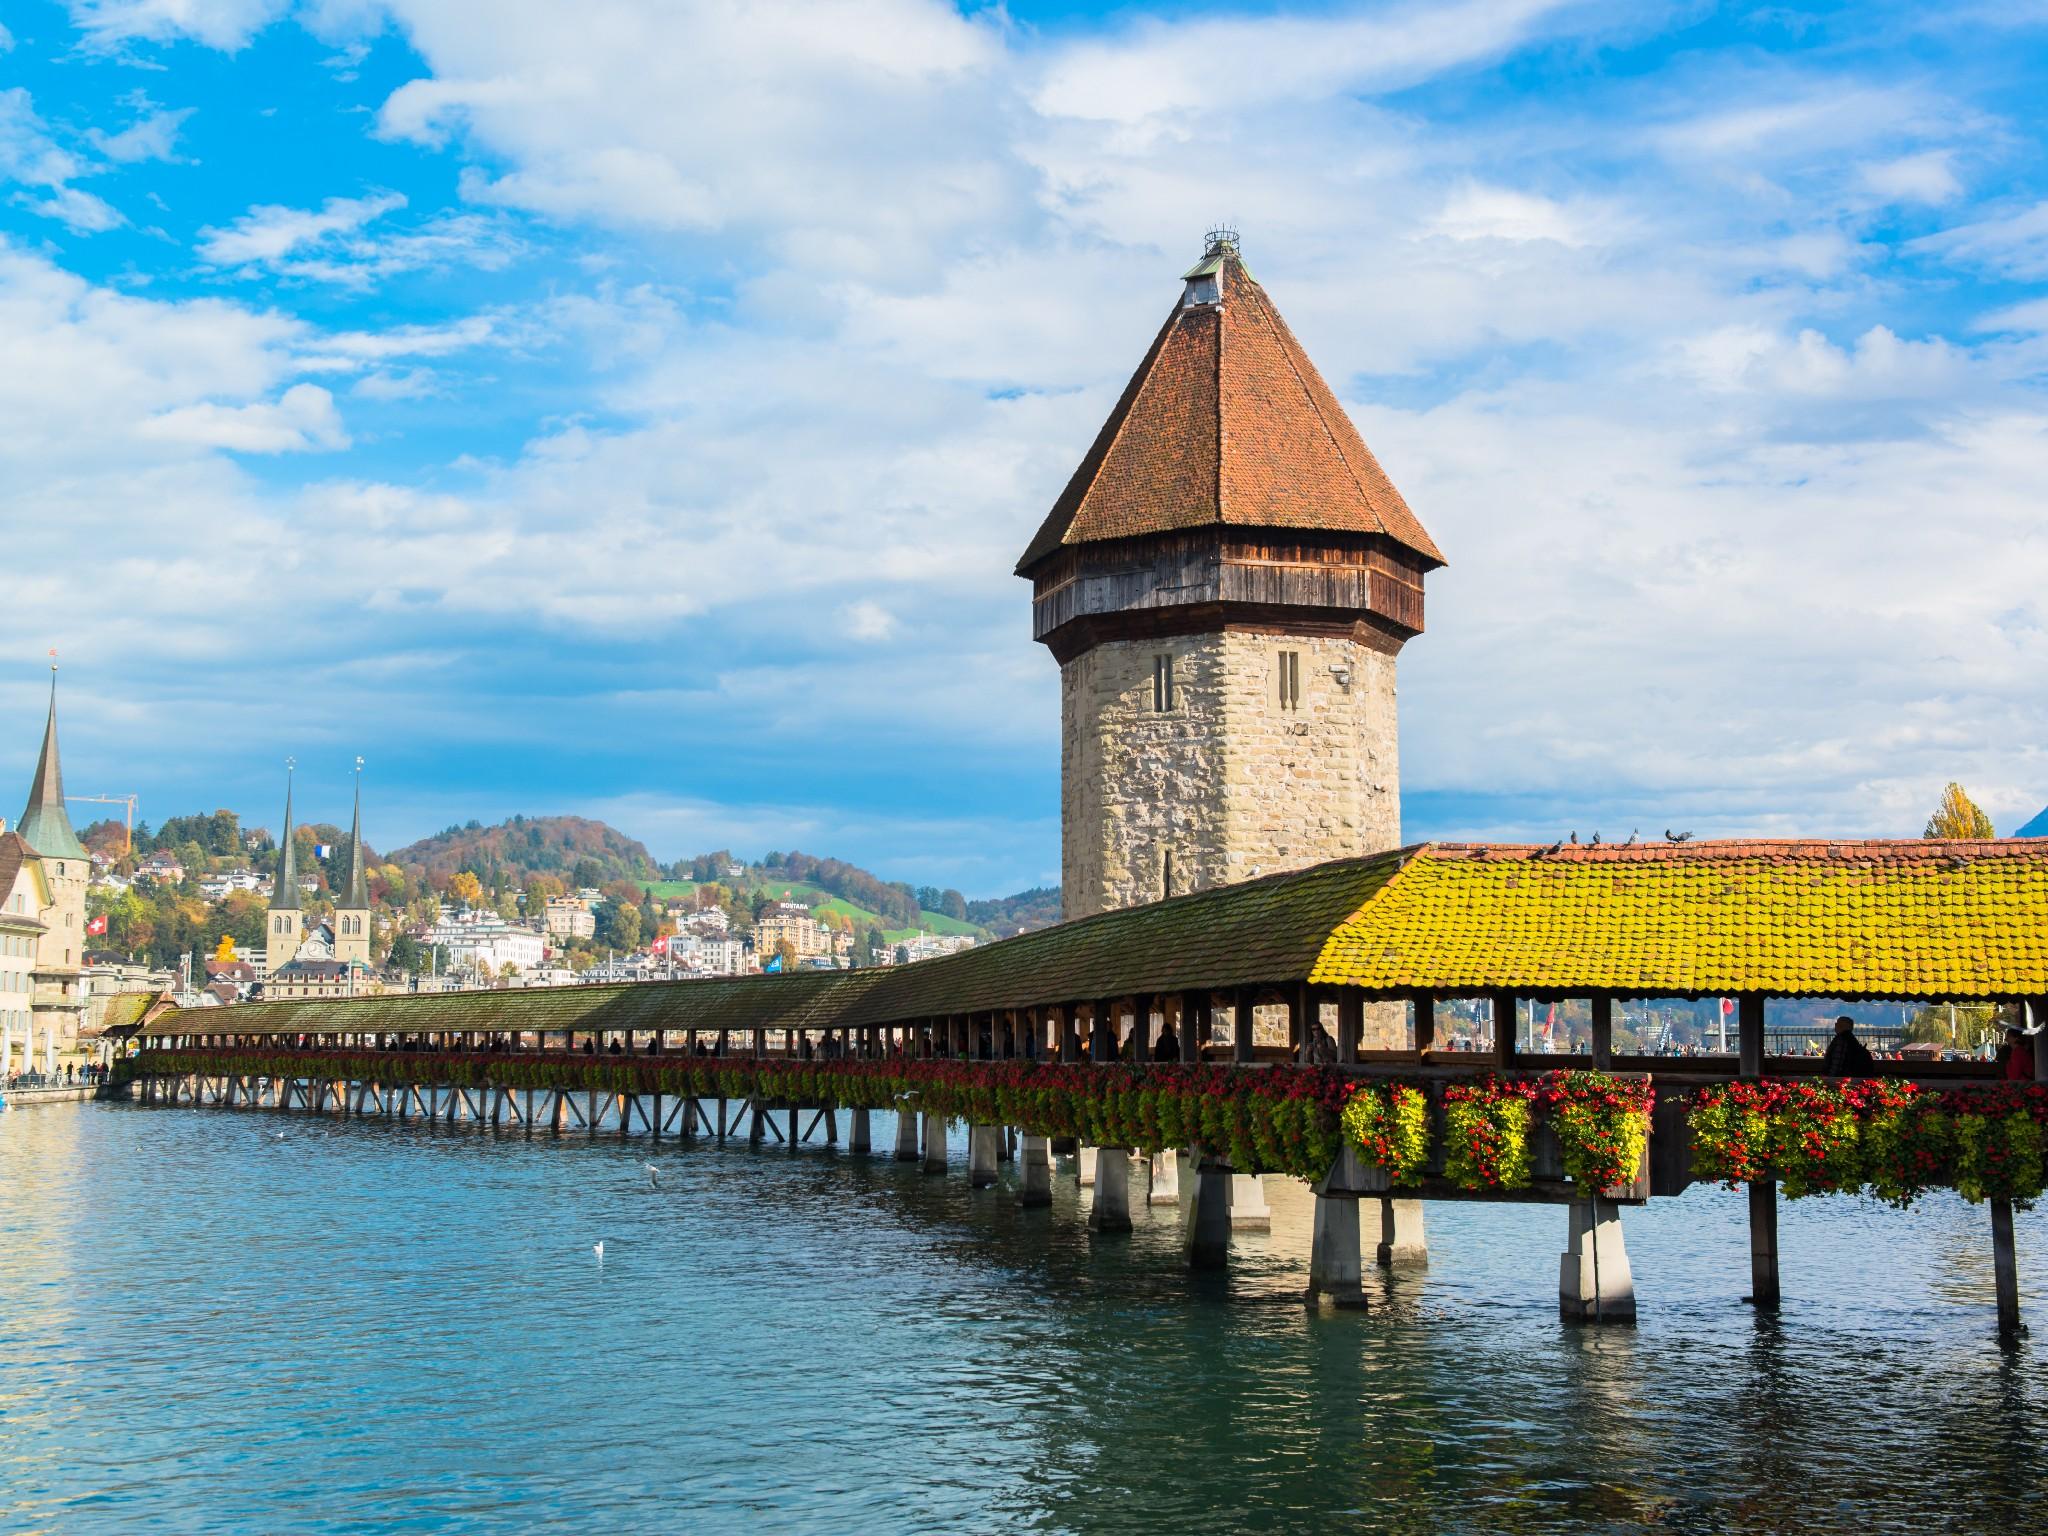 الأماكن والمدن السياحية في سويسرا